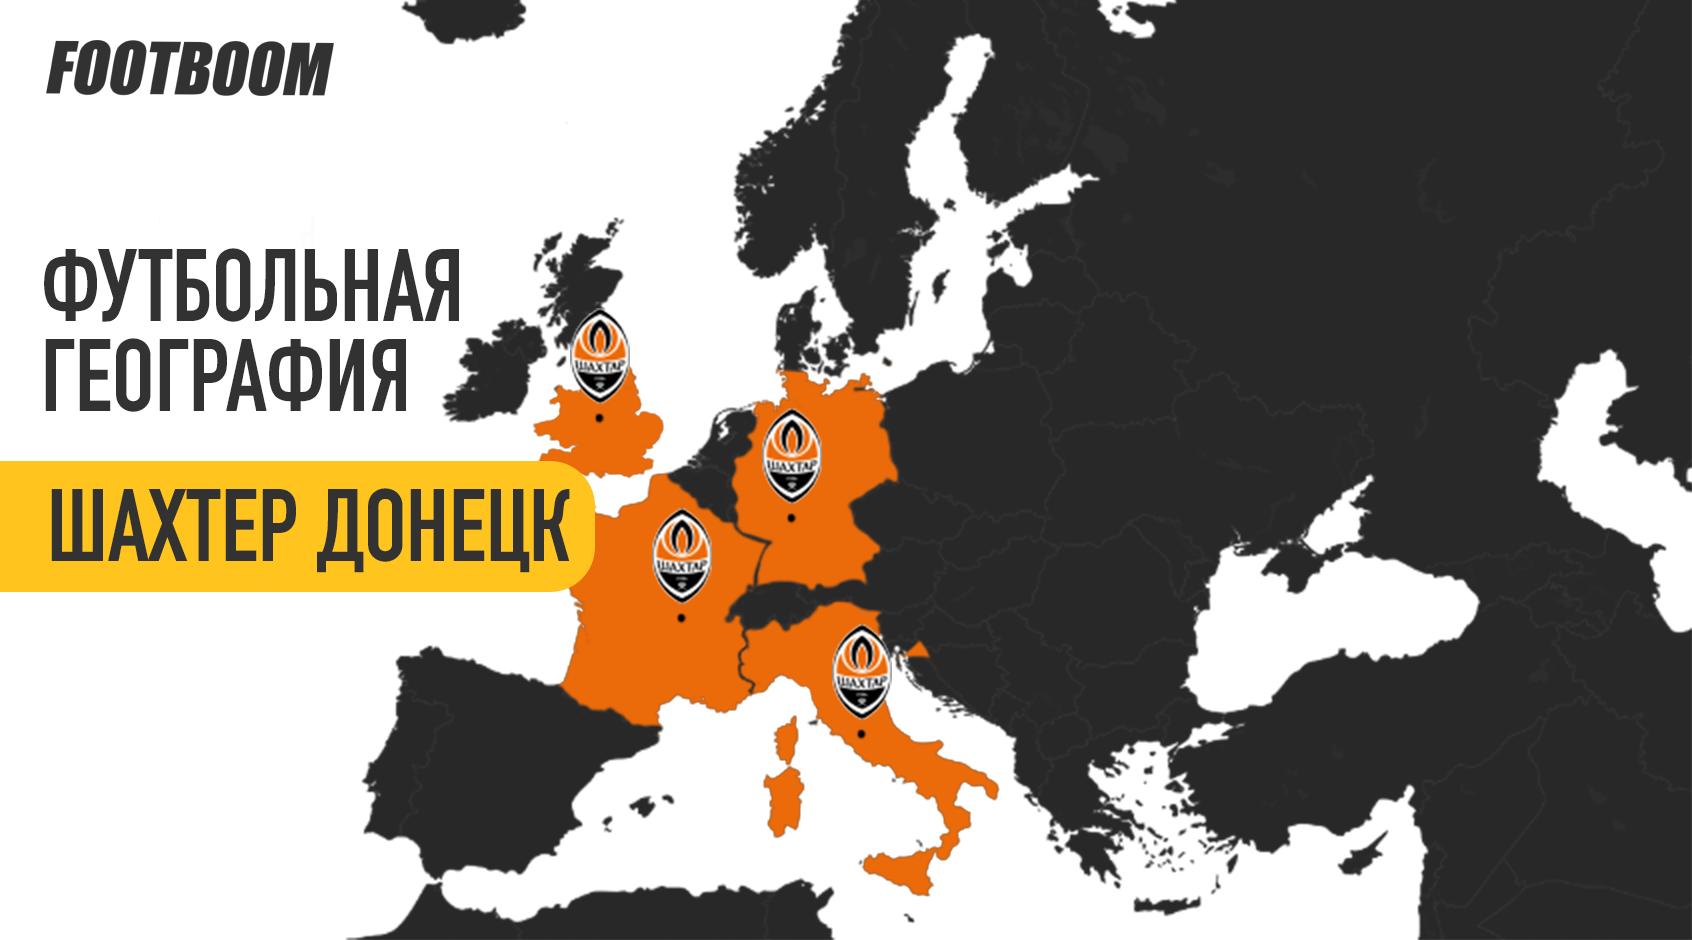 Футбольная география: какое расстояние в 2018 году преодолели украинские клубы? - изображение 1